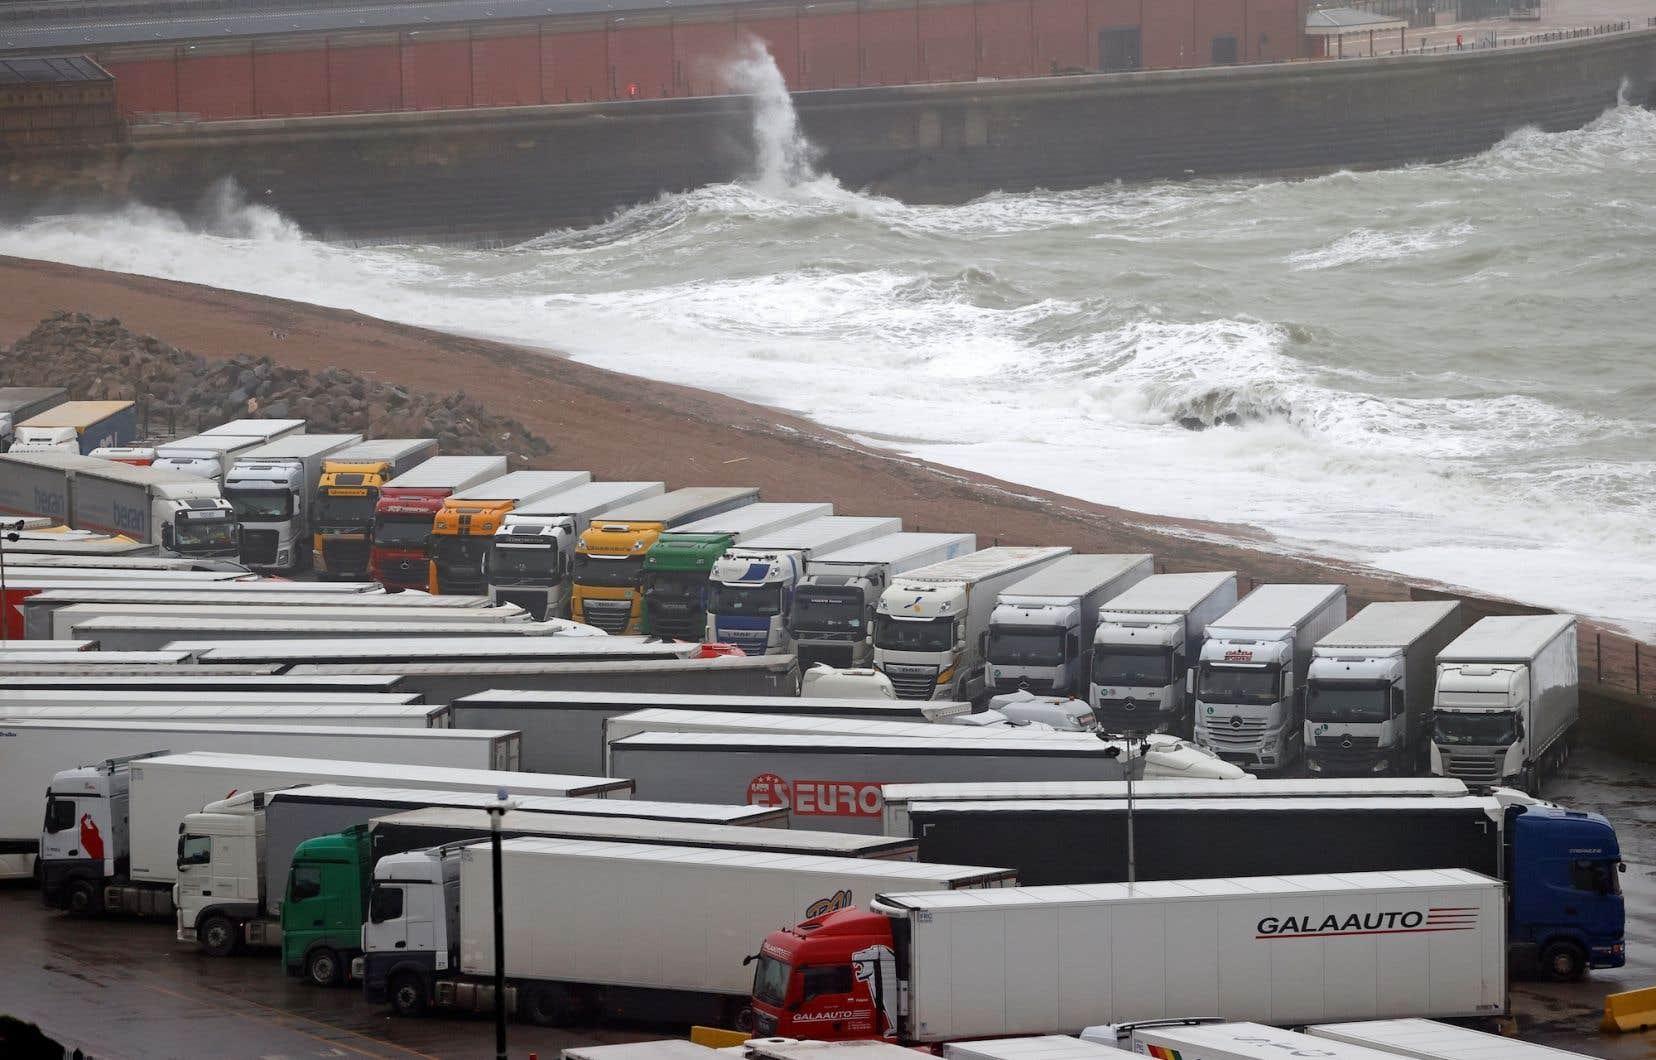 La fermeture des frontières au Royaume-Uni est une très mauvaise nouvelle en cette période de Fêtes, puisque 10 000 camions fontchaque jour la liaison entre Douvres et Calais, en France.